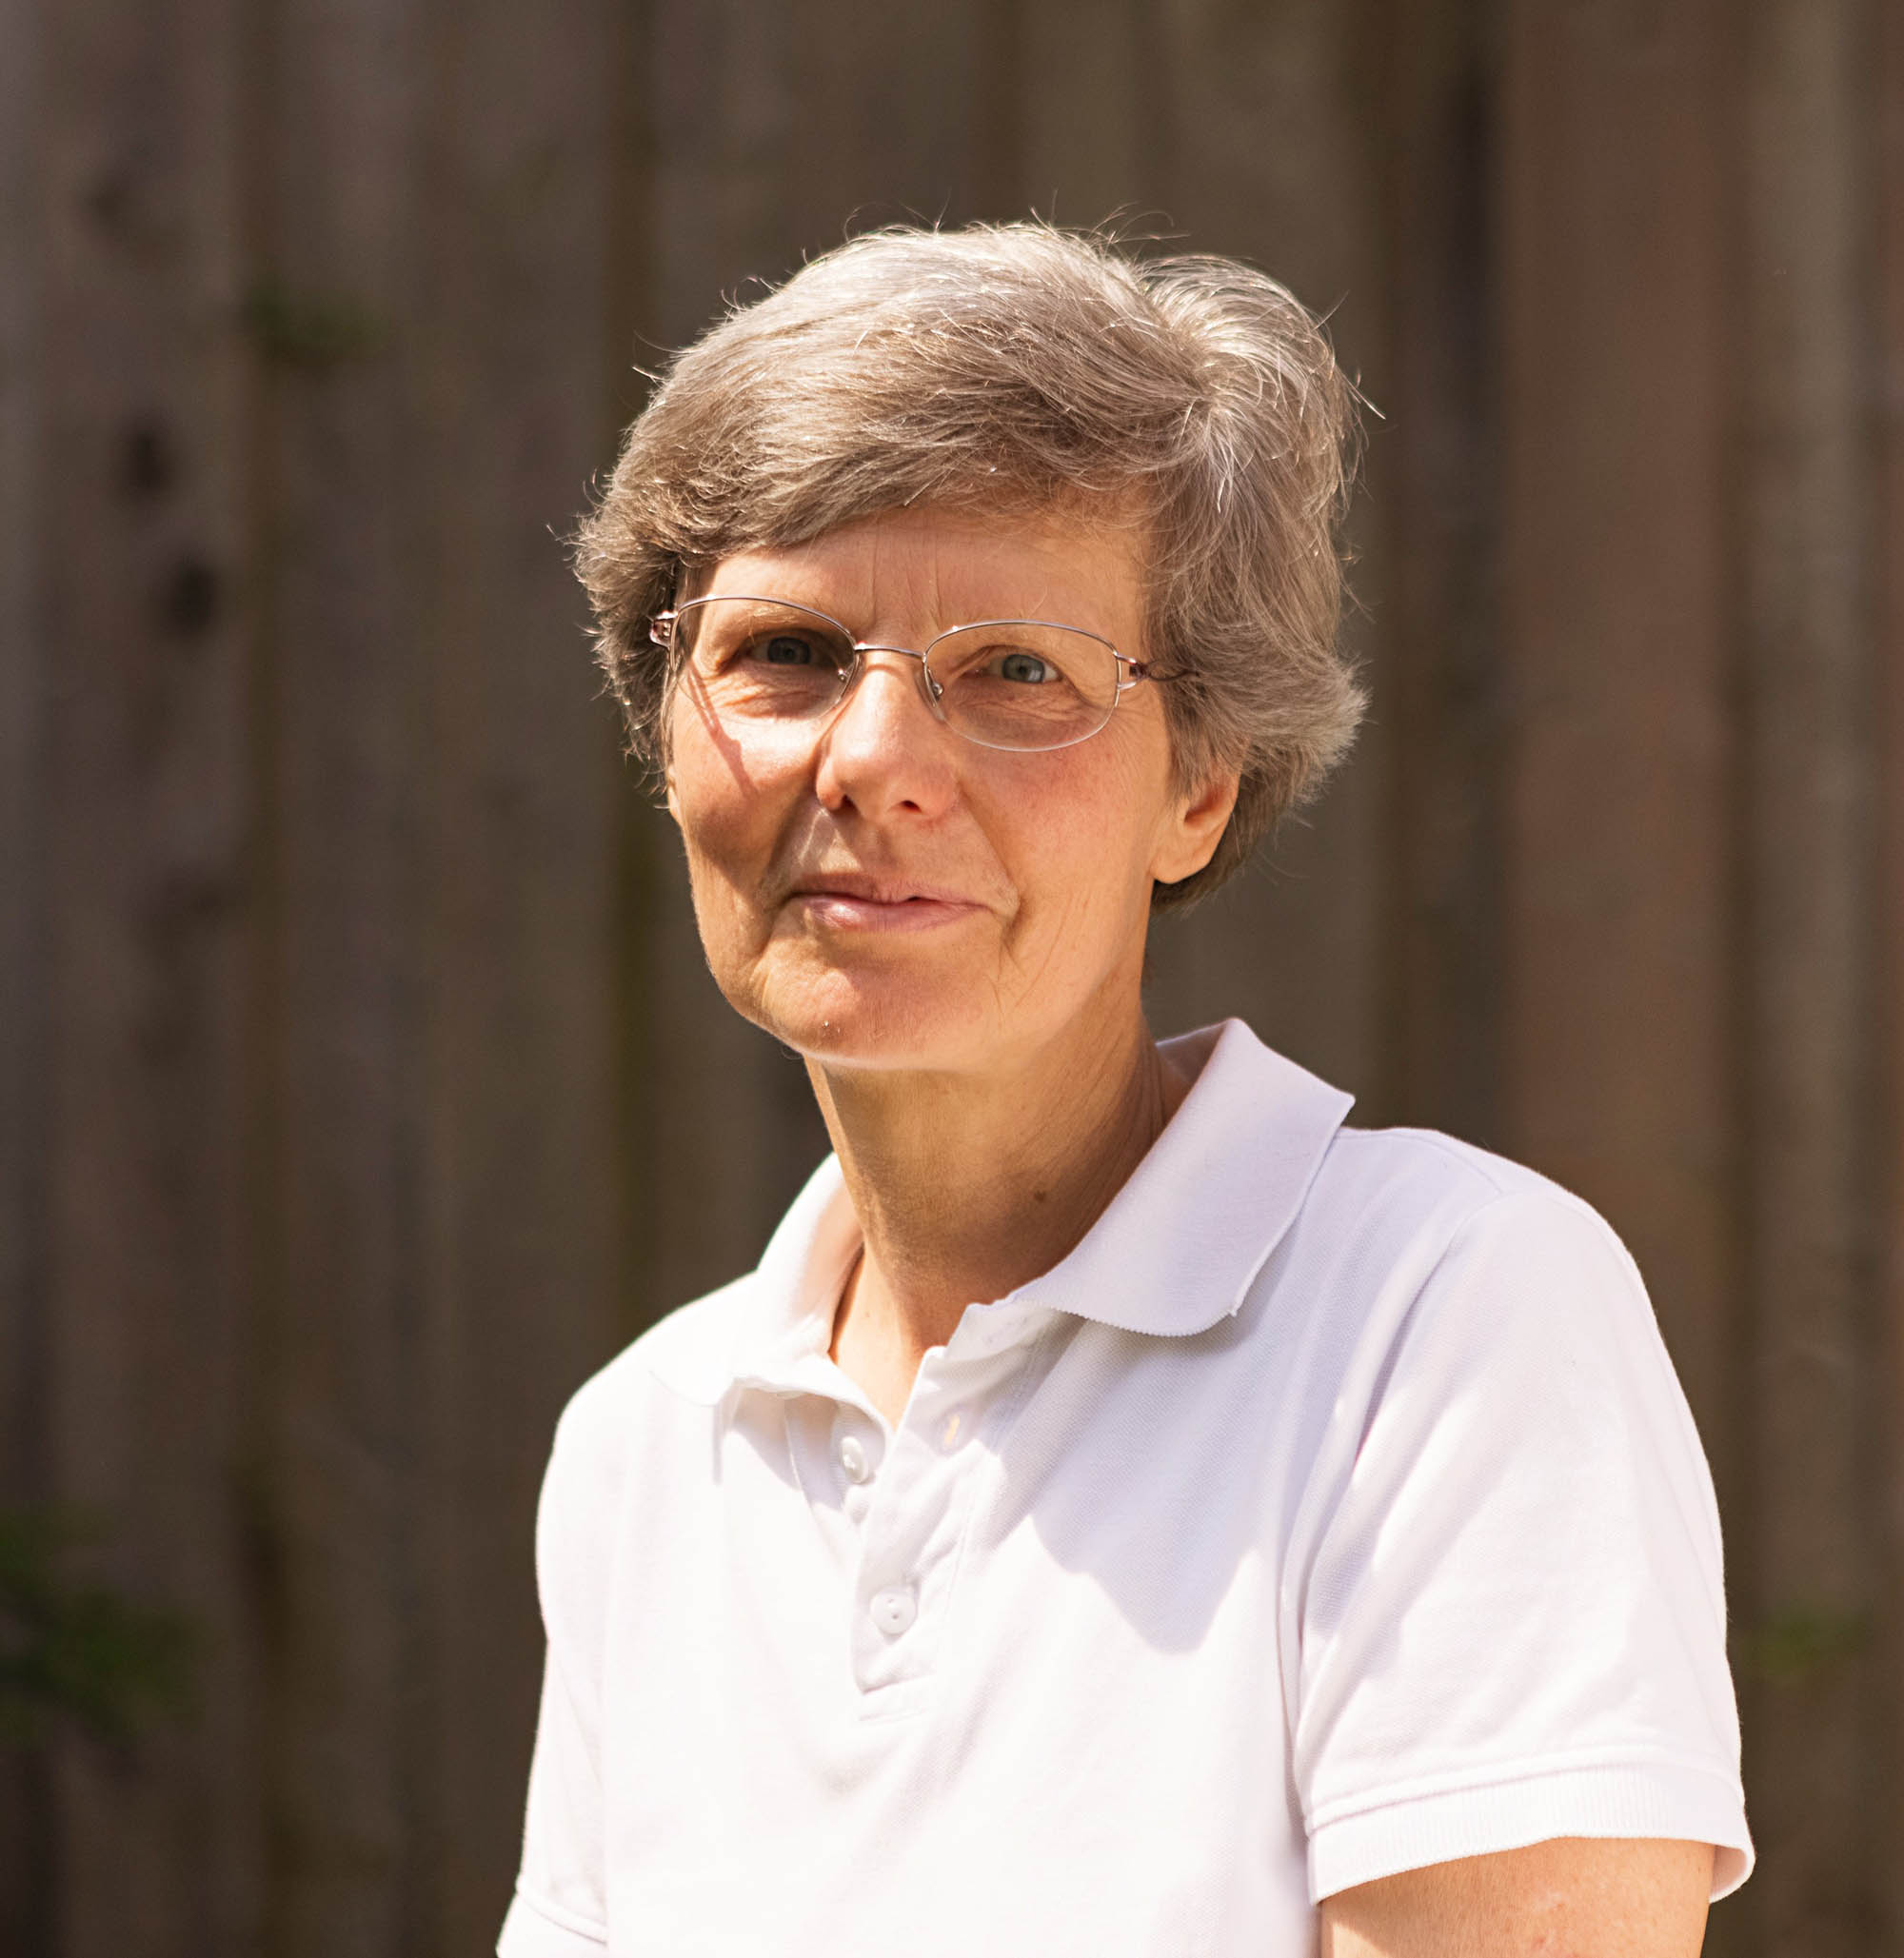 Gudrun Storck